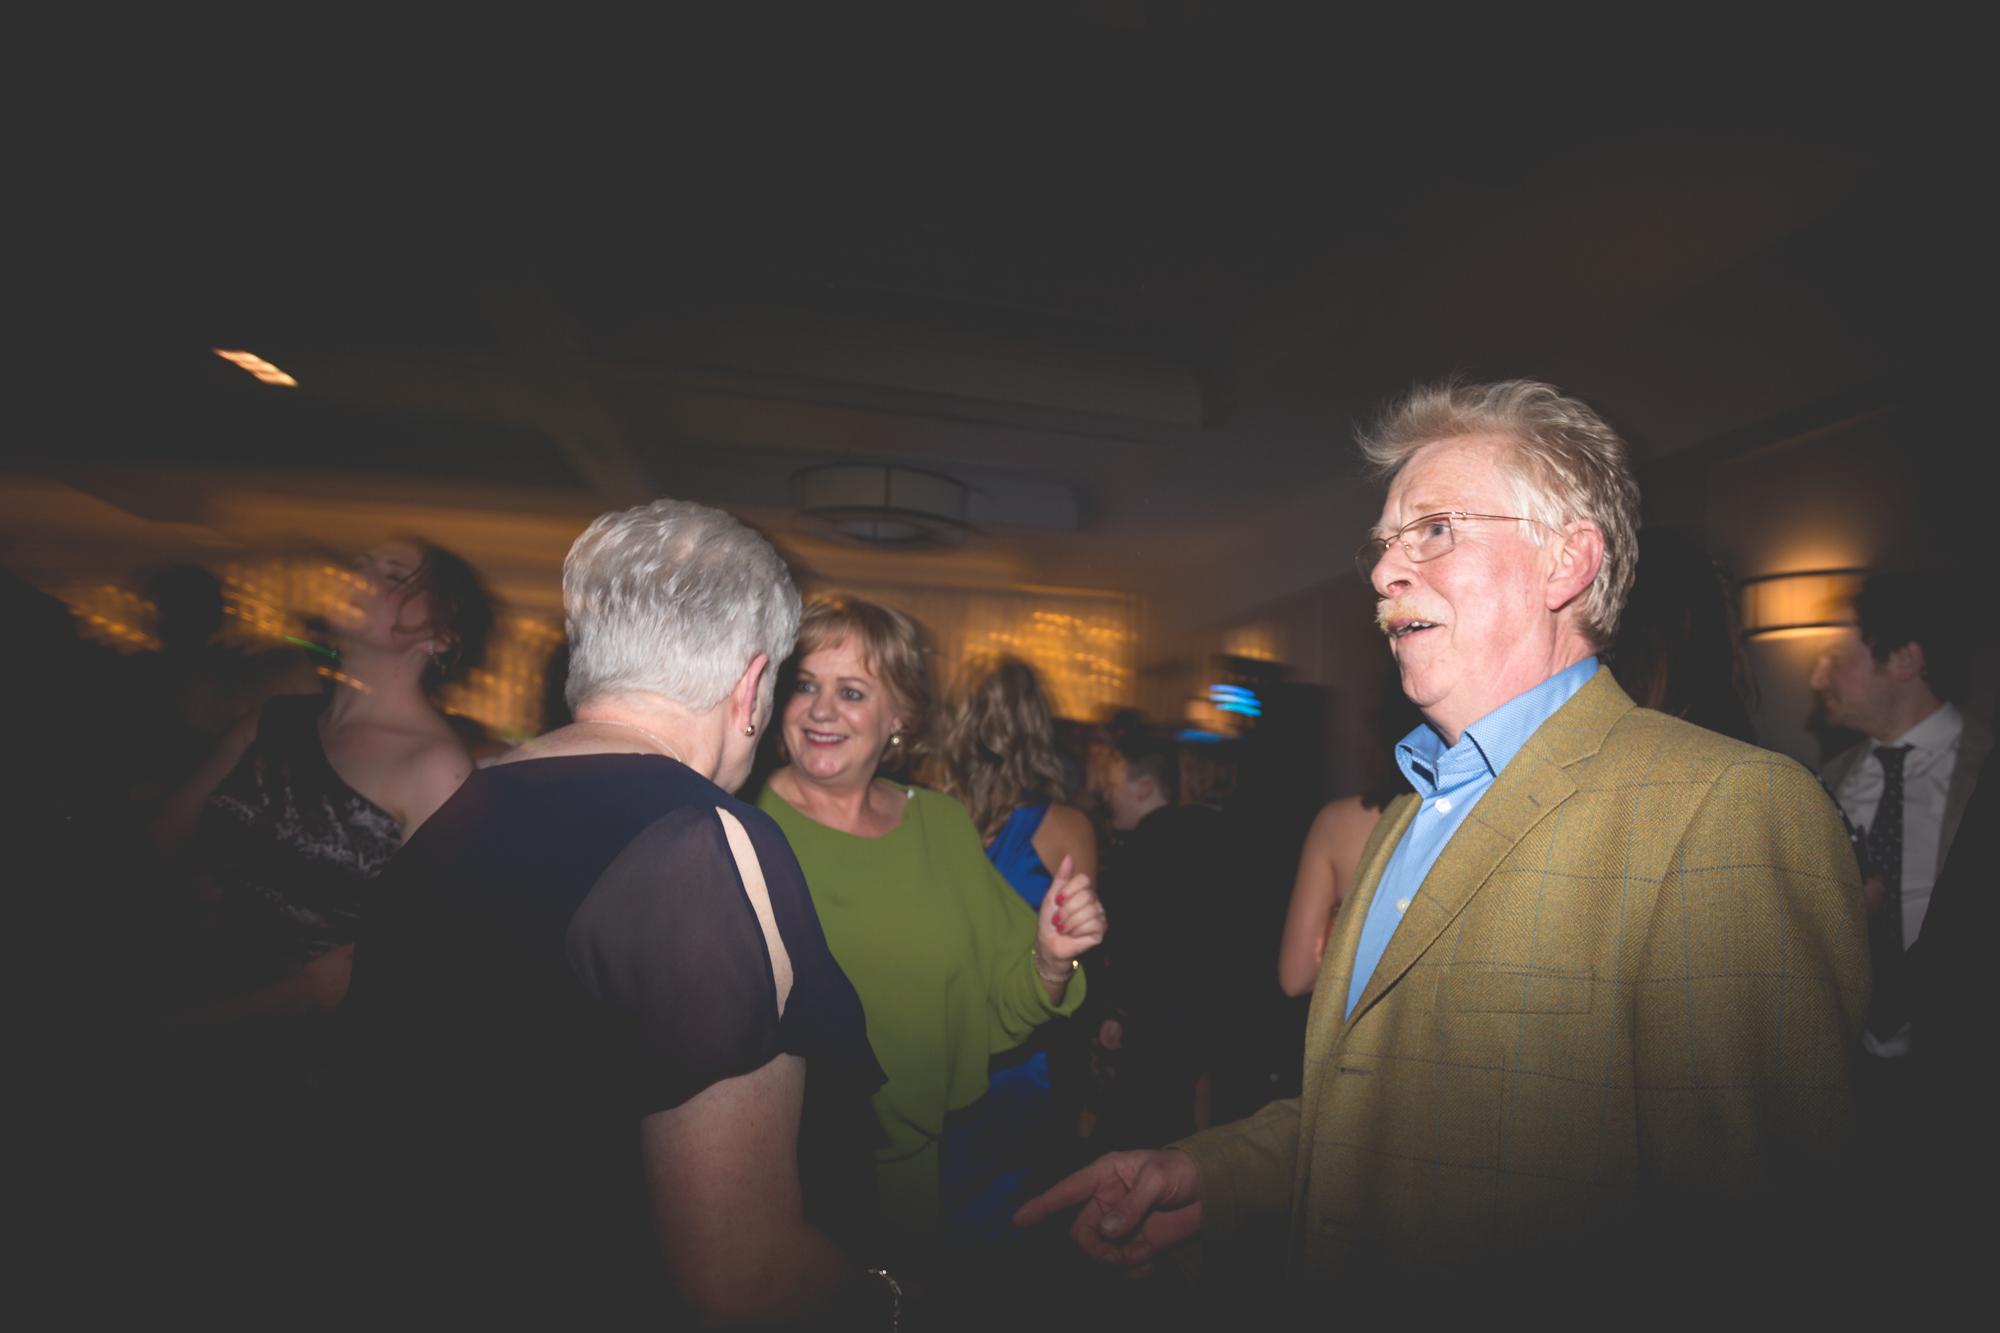 Francis&Oonagh-Dancing-41.jpg